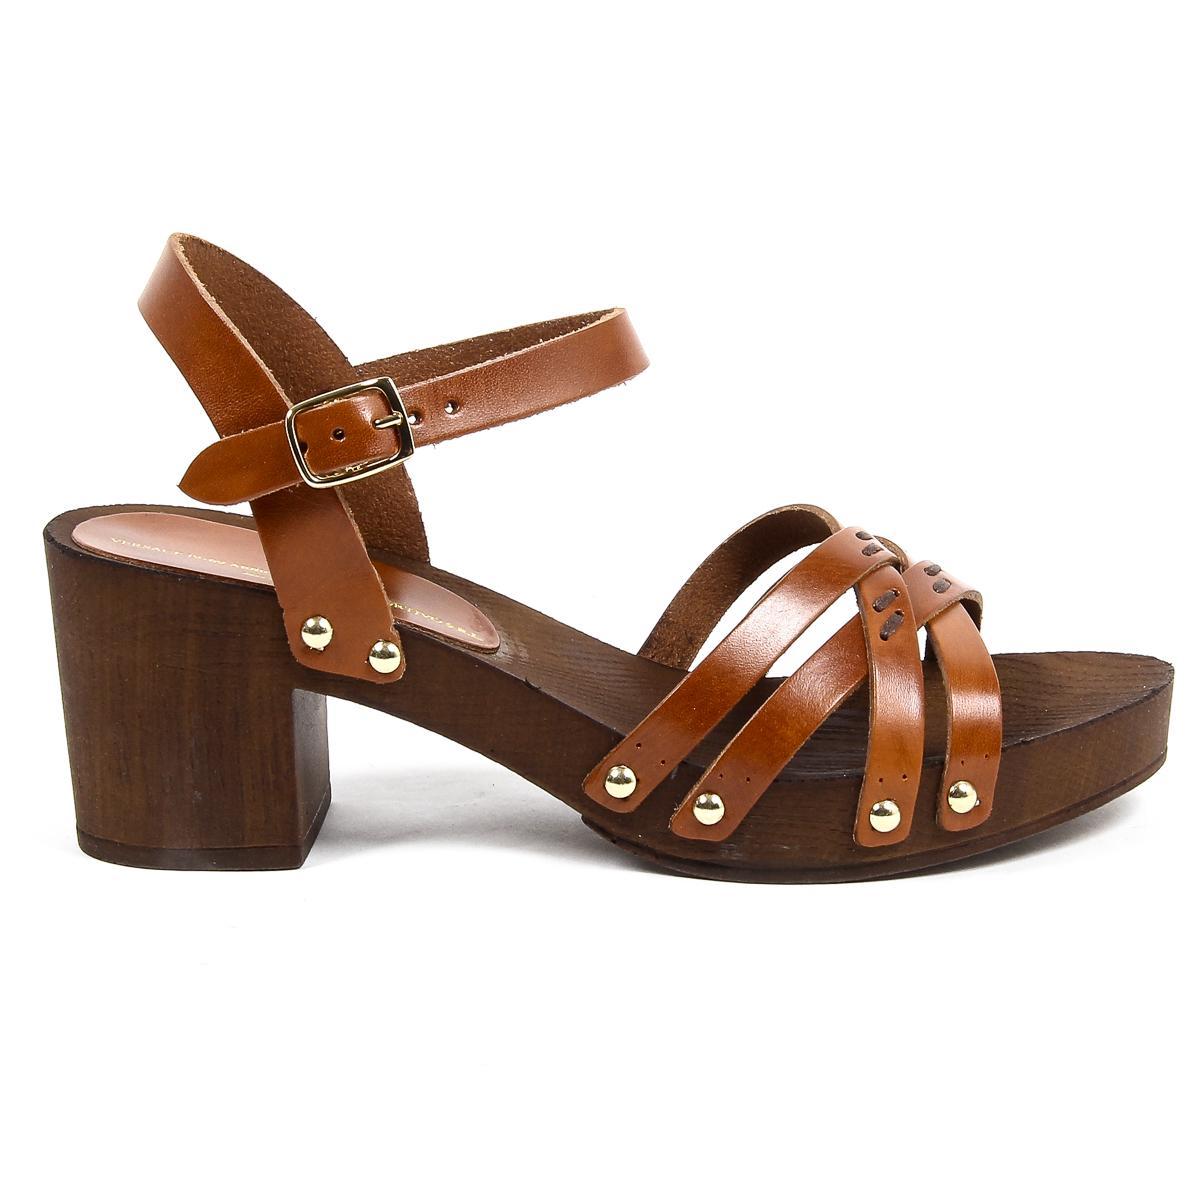 V 1969 Italia Womens Ankle Strap Sandal